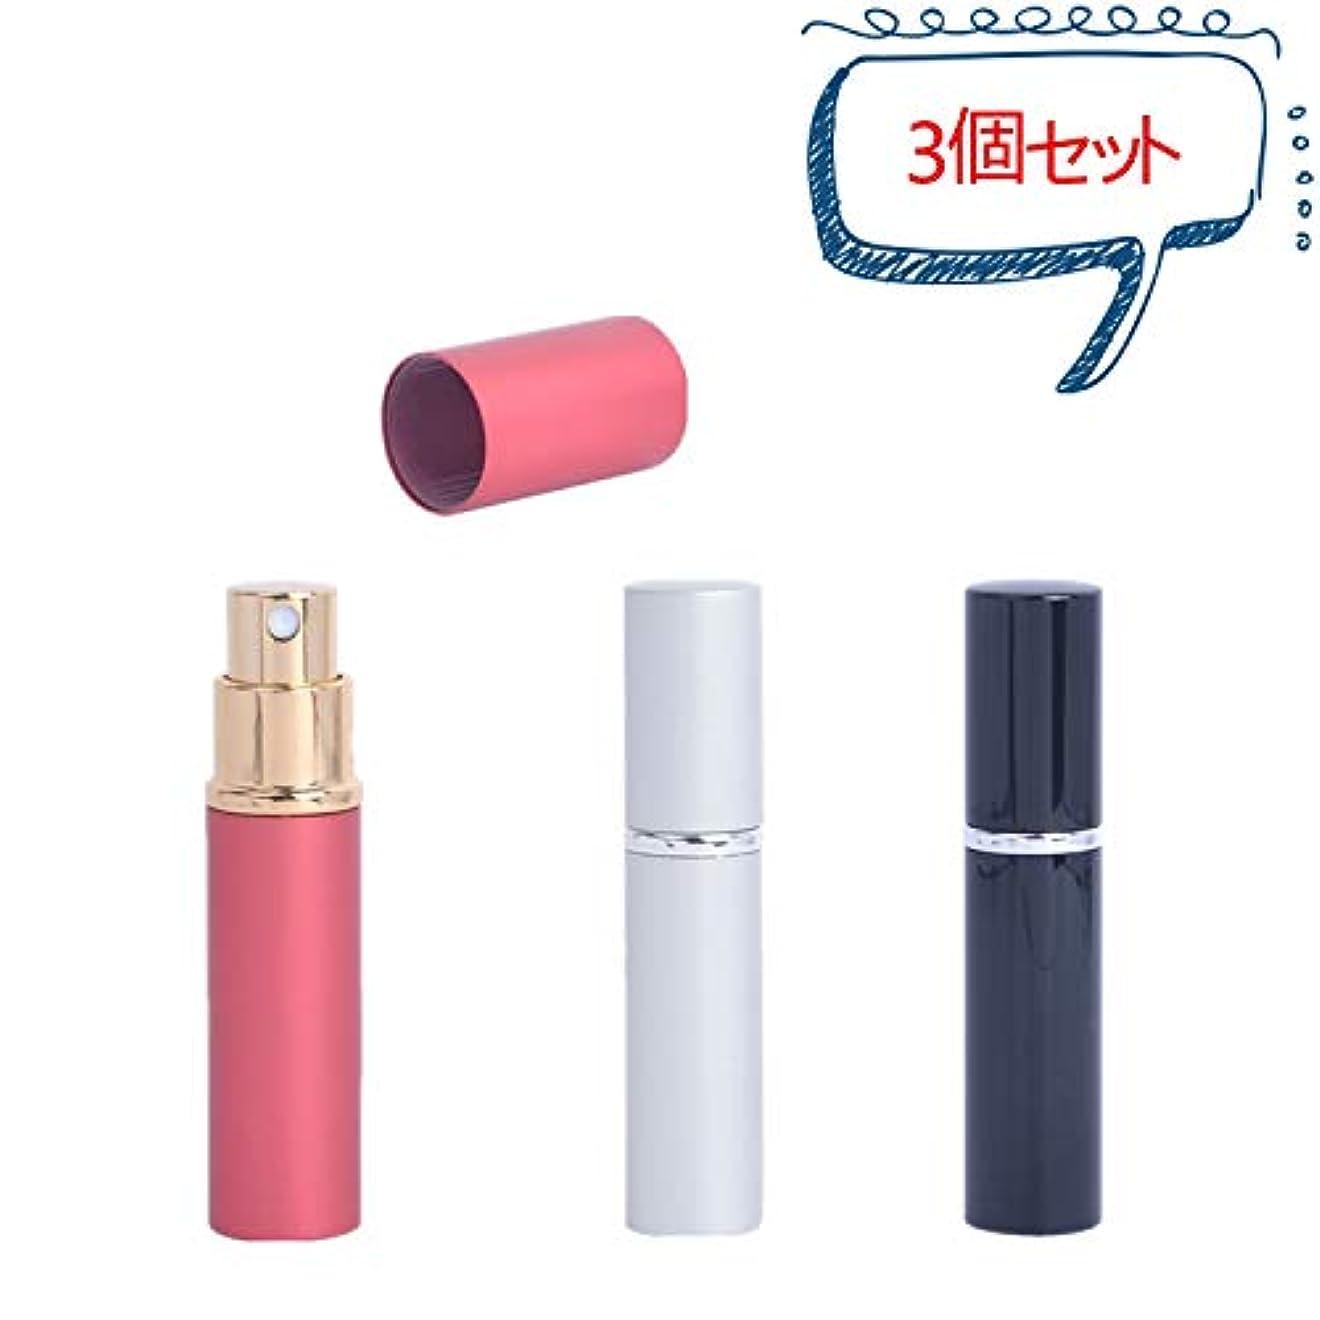 のれん属する合図[Hordlend] 3個セット アトマイザー 香水ボトル 香水噴霧器 詰め替え容器 旅行携帯用 5ml 3色セットXSP-025